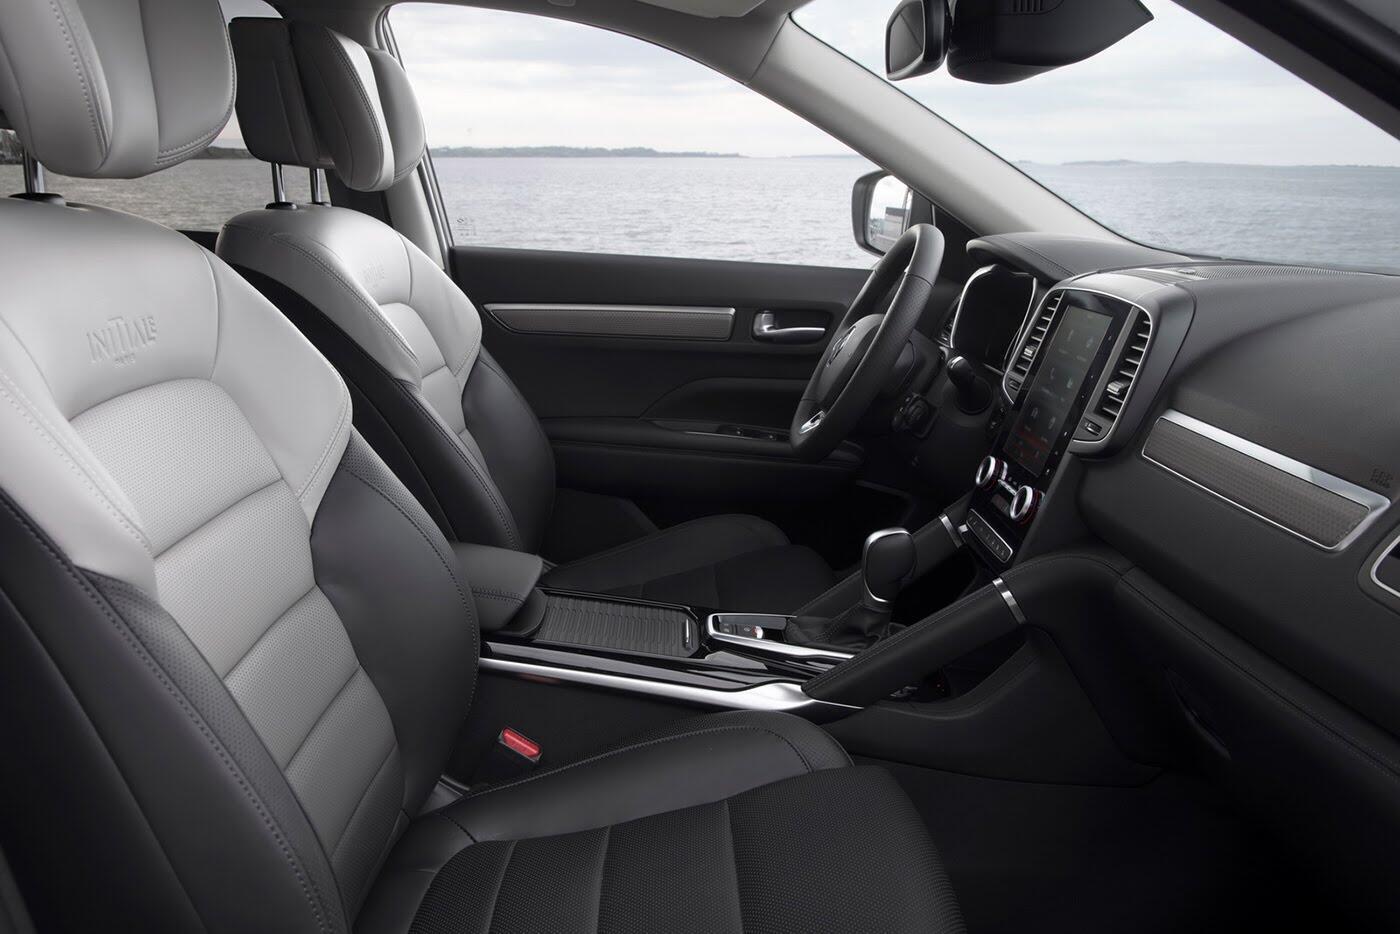 Xem thêm ảnh Renault Koleos 2017 - Hình 21